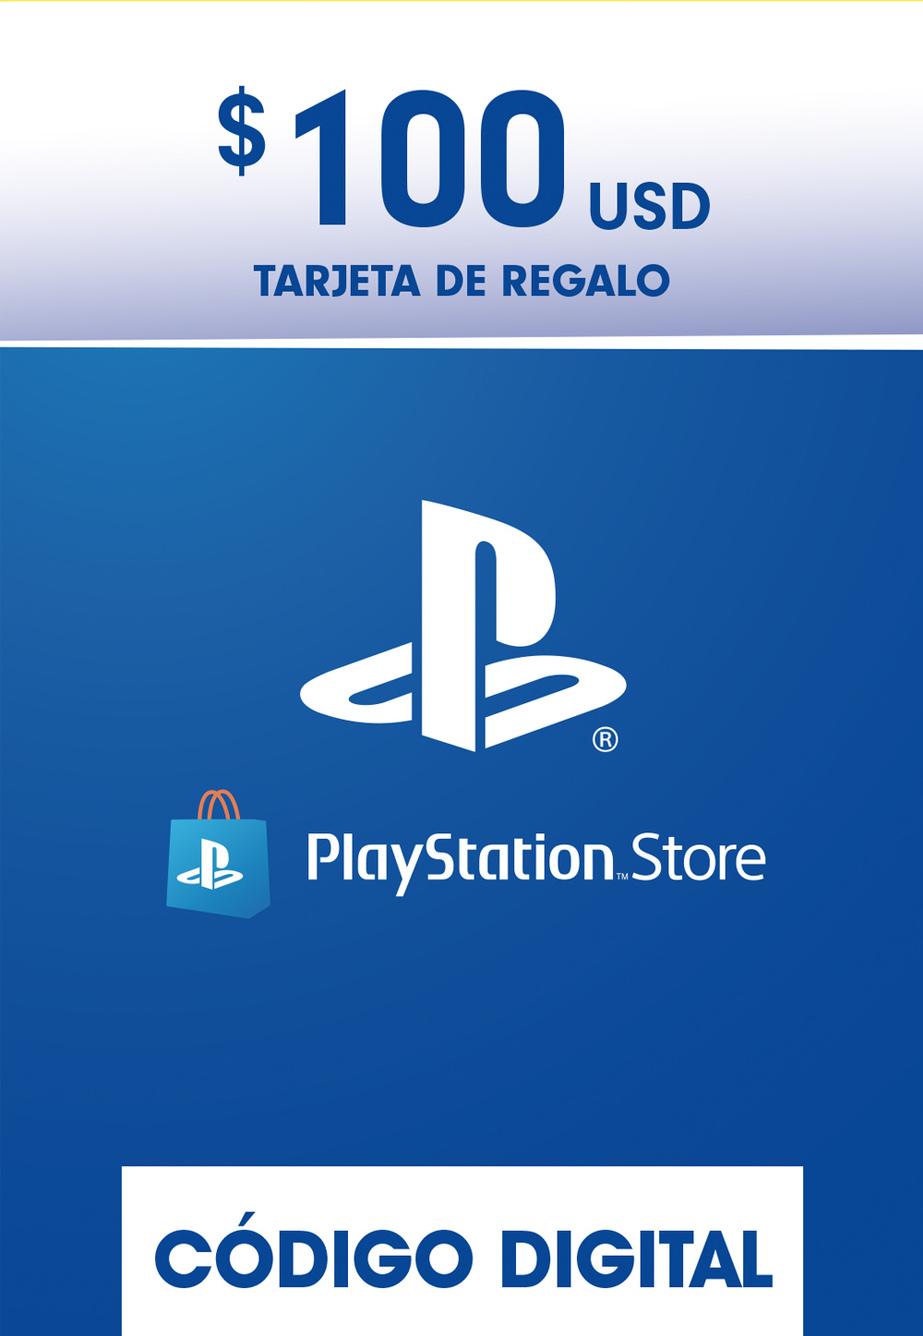 Tarjeta de Regalo PlayStation Store de 100 Dolares